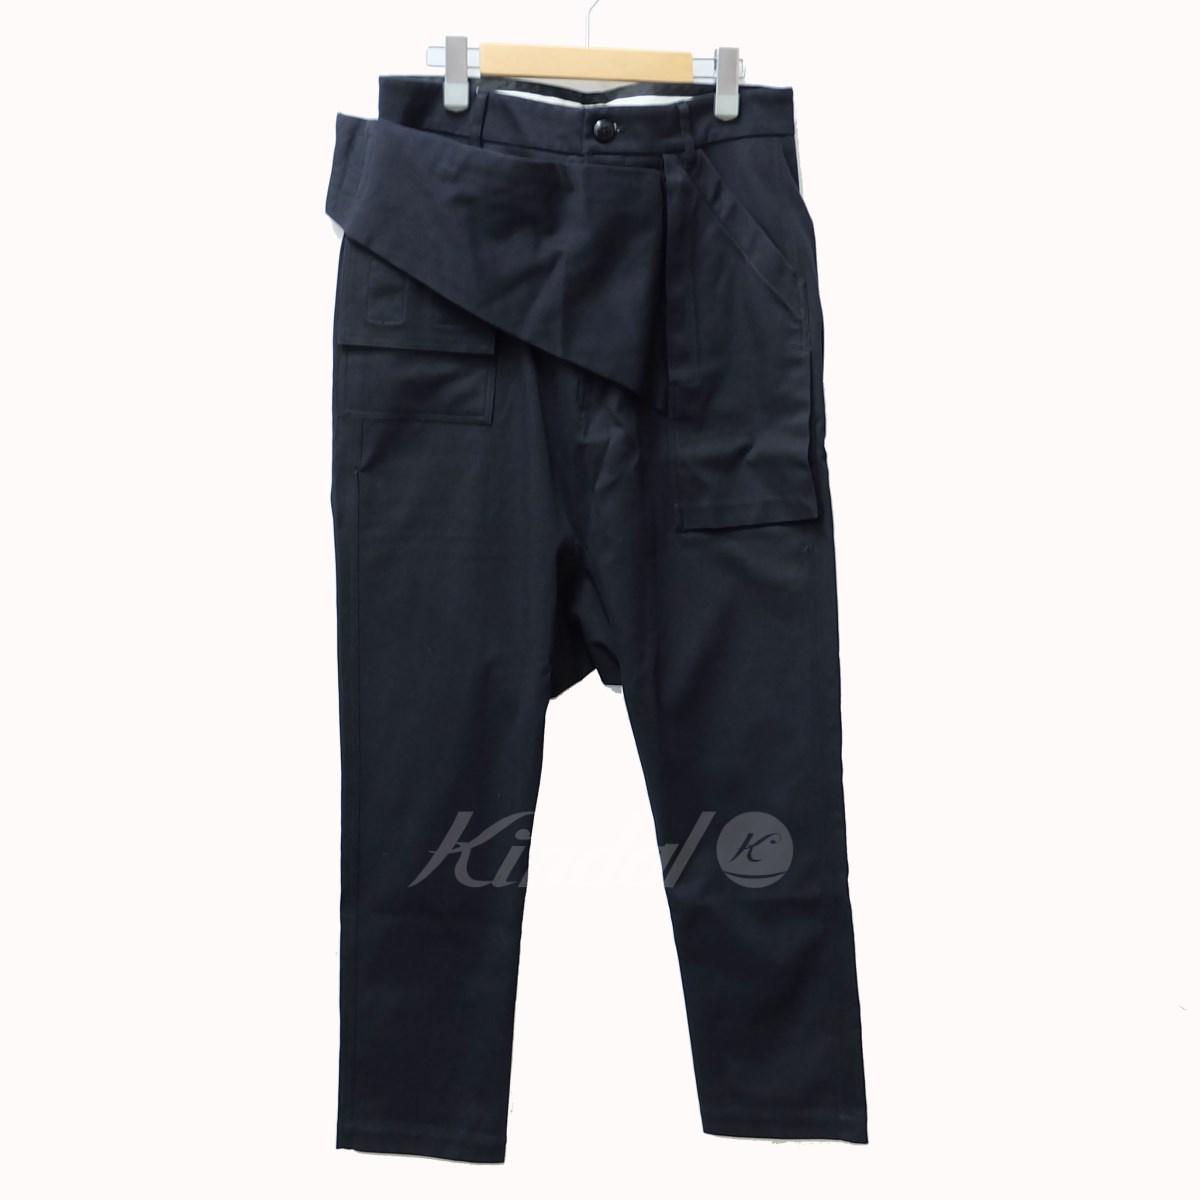 【中古】Rick Owens Belted Pants サルエルパンツ 【送料無料】 【125031】 【KIND1550】